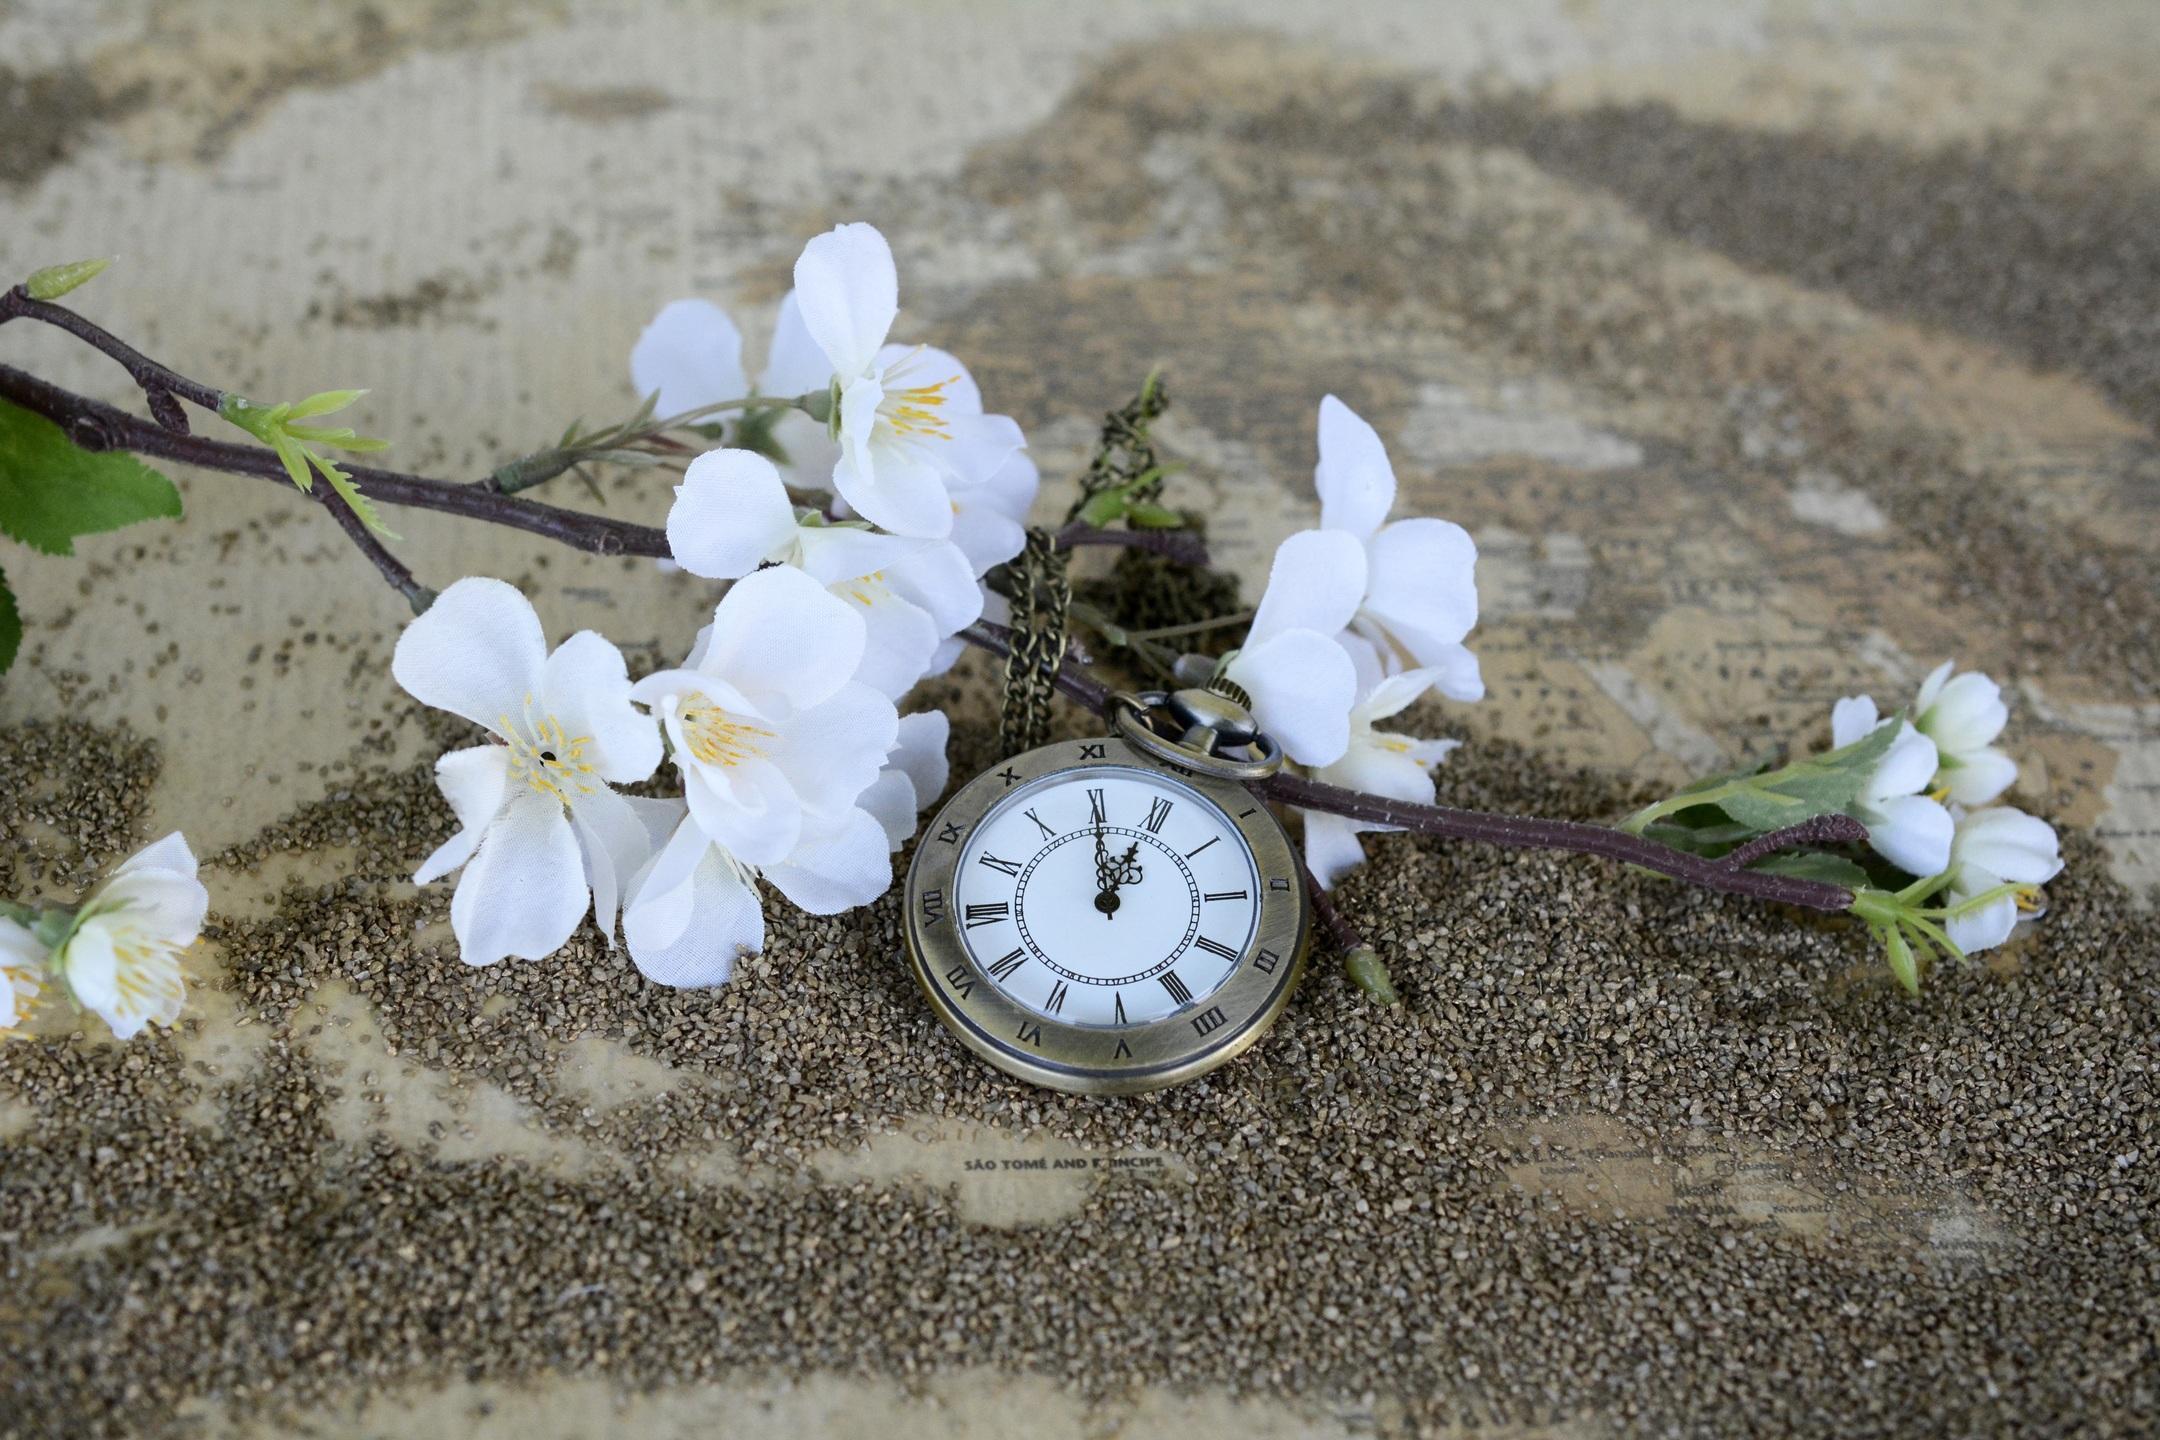 sand-blossom-plant-white-antique-leaf-510890-pxhere.com.jpg